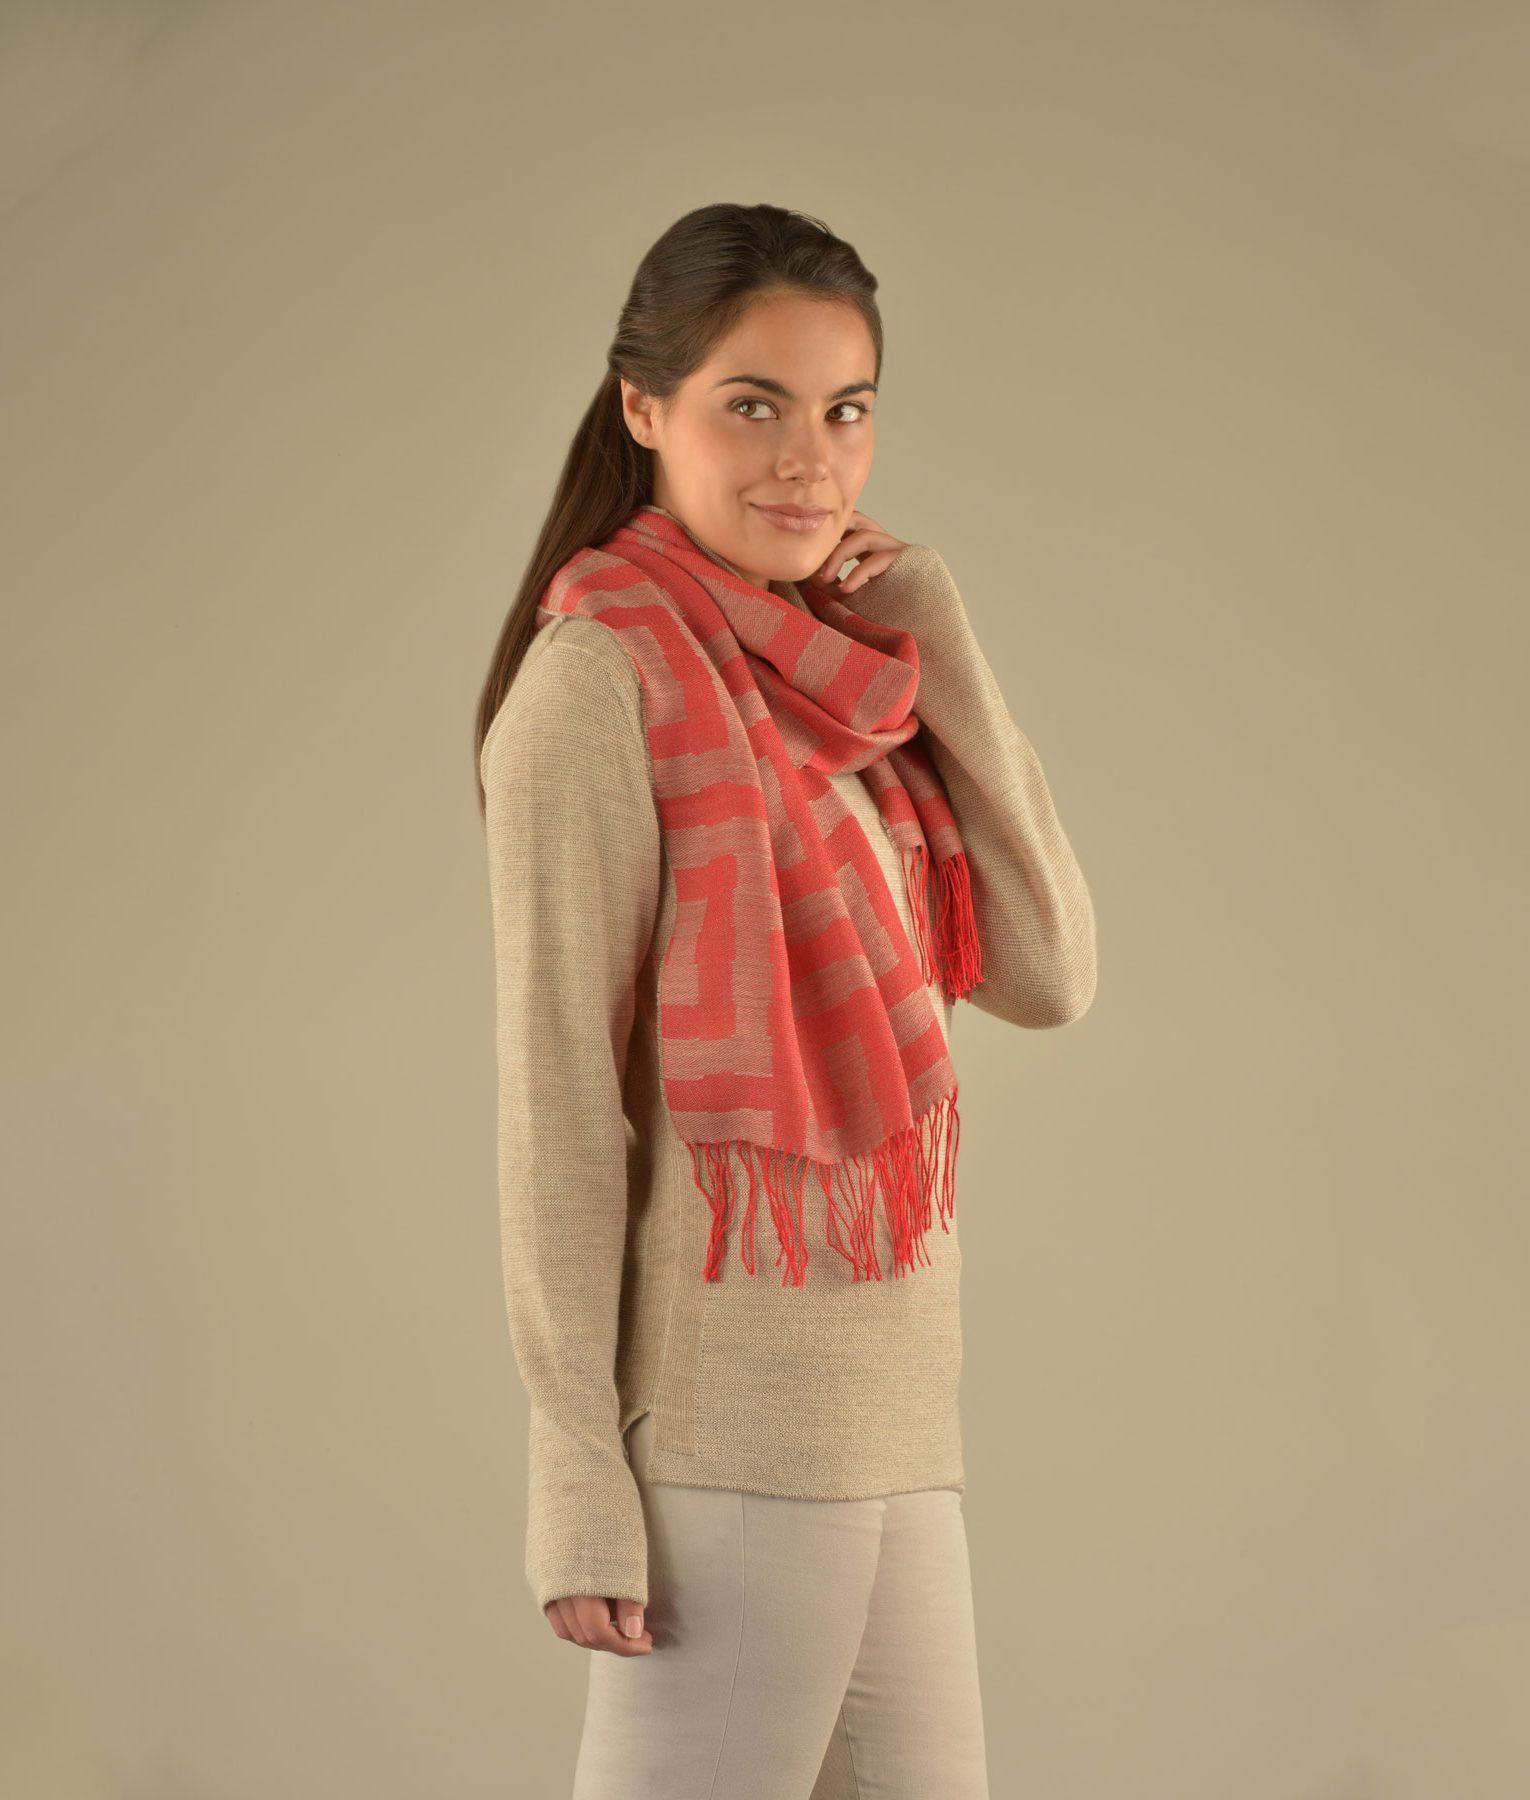 Écharpe MAZE en alpaga et soie - écharpes, bonnets et pulls en alpaga. Fine Alpaca, fine laine et coton du Pérou, vêtements en fibres naturelles.